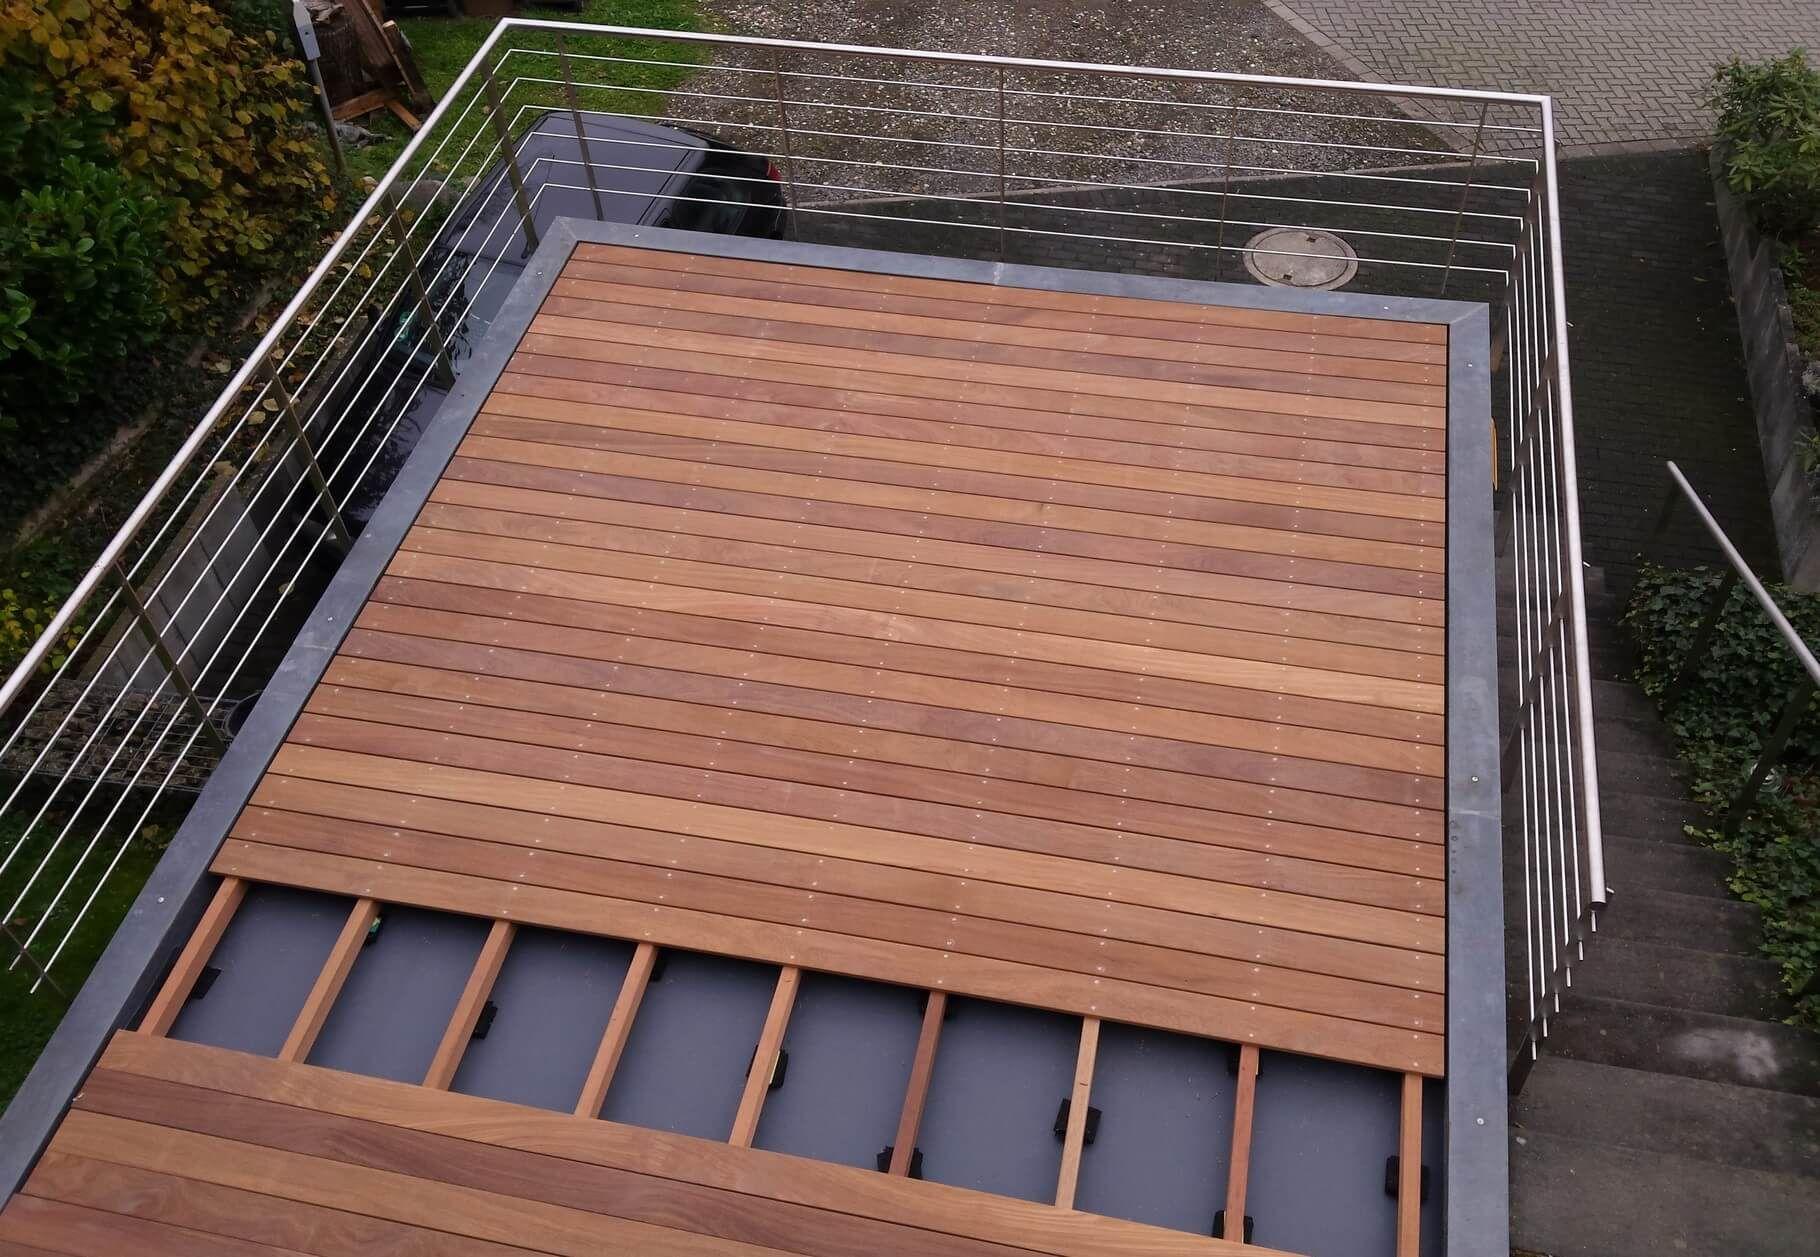 Prächtig Bauanleitung für Holzterrassen: Terrassendielen verlegen in 2019 #DO_35